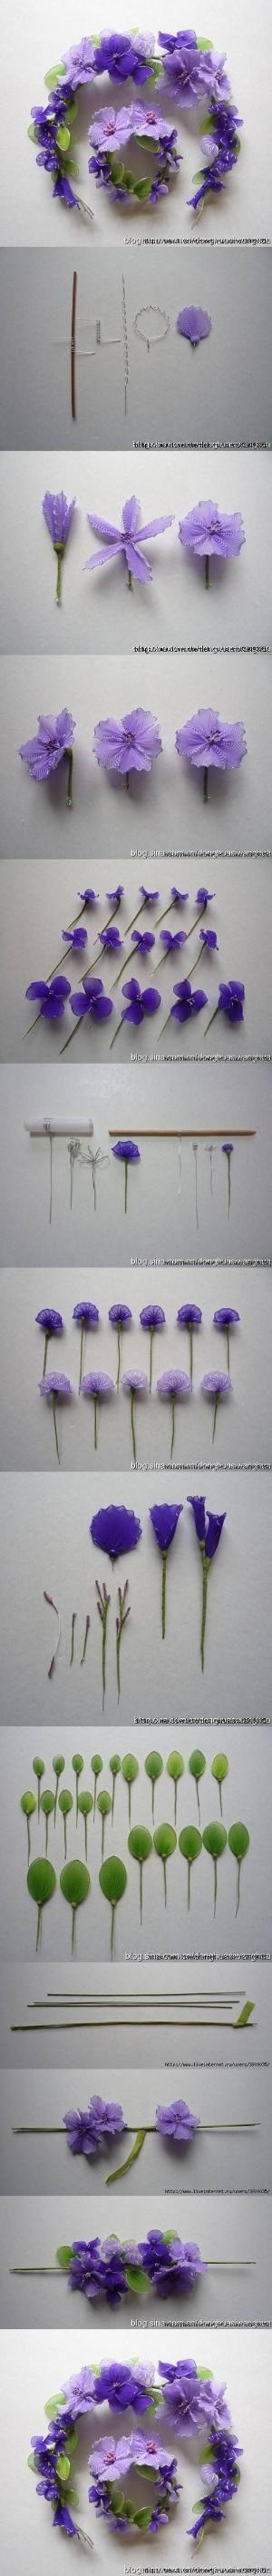 DIY Wire Nylon Flowers DIY Wire Nylon Flowers by alhely